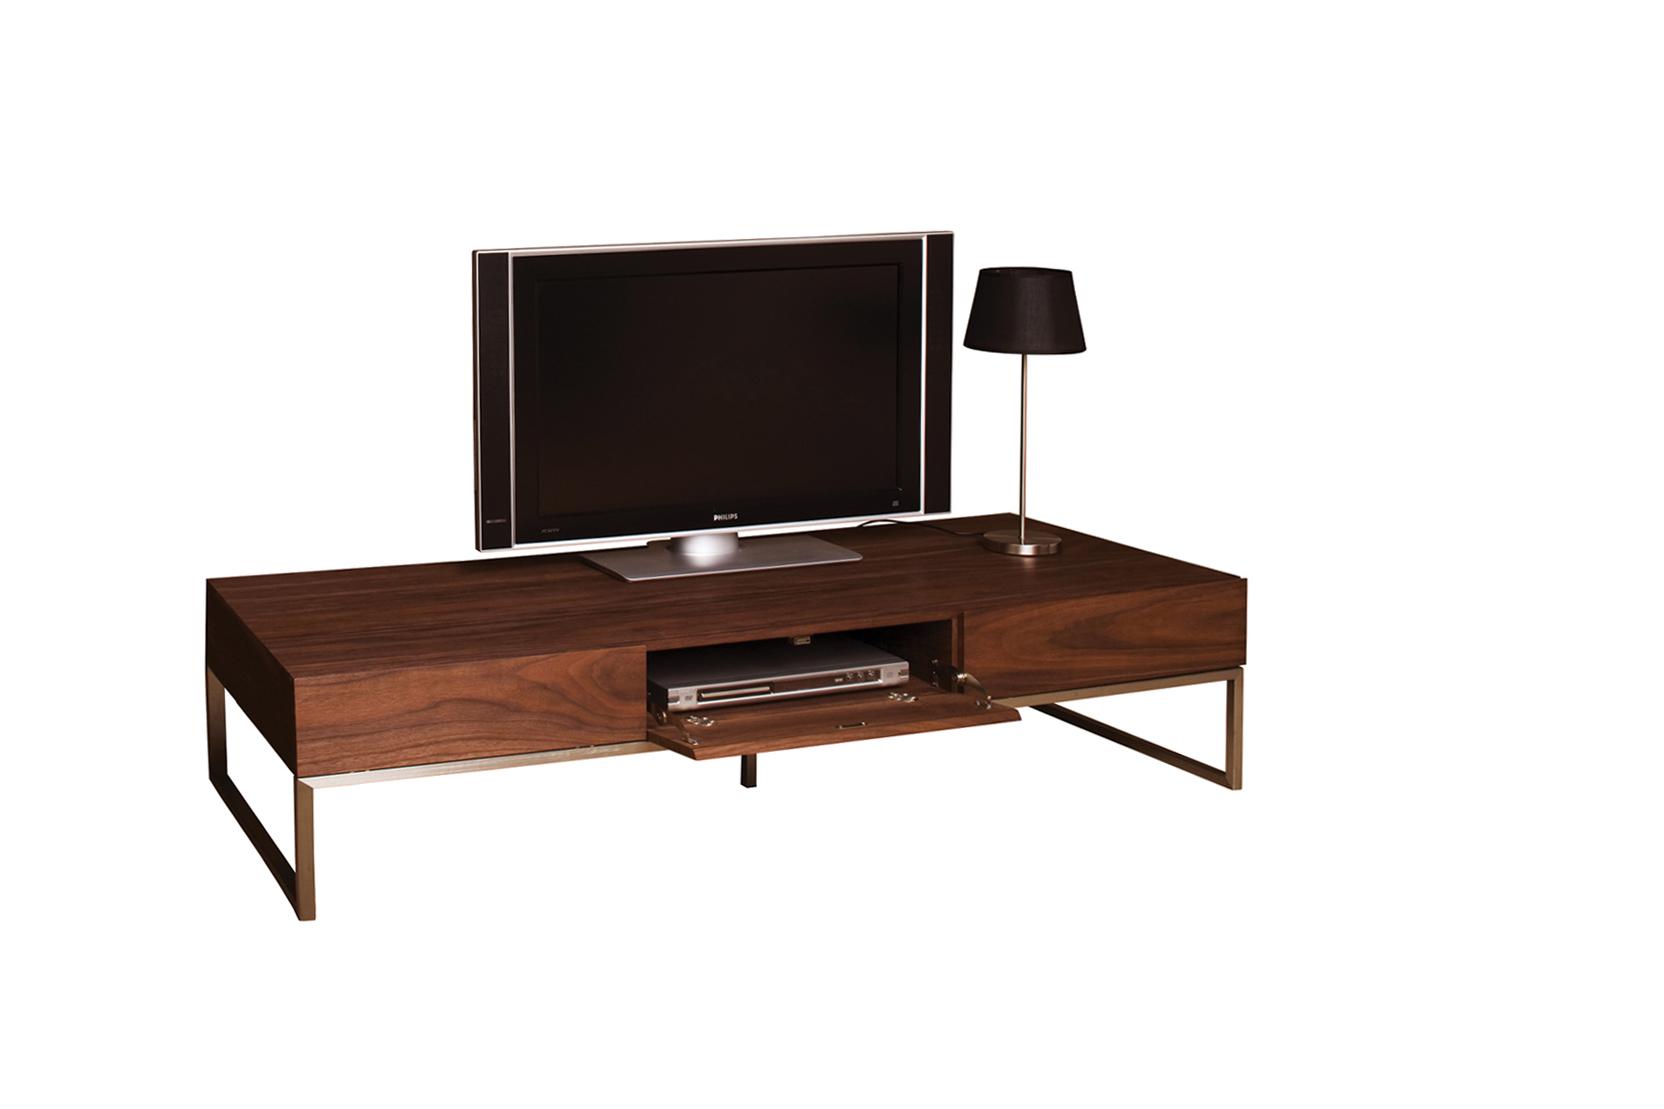 Fbm keulen tv meubel collectie kasten tafels bedden